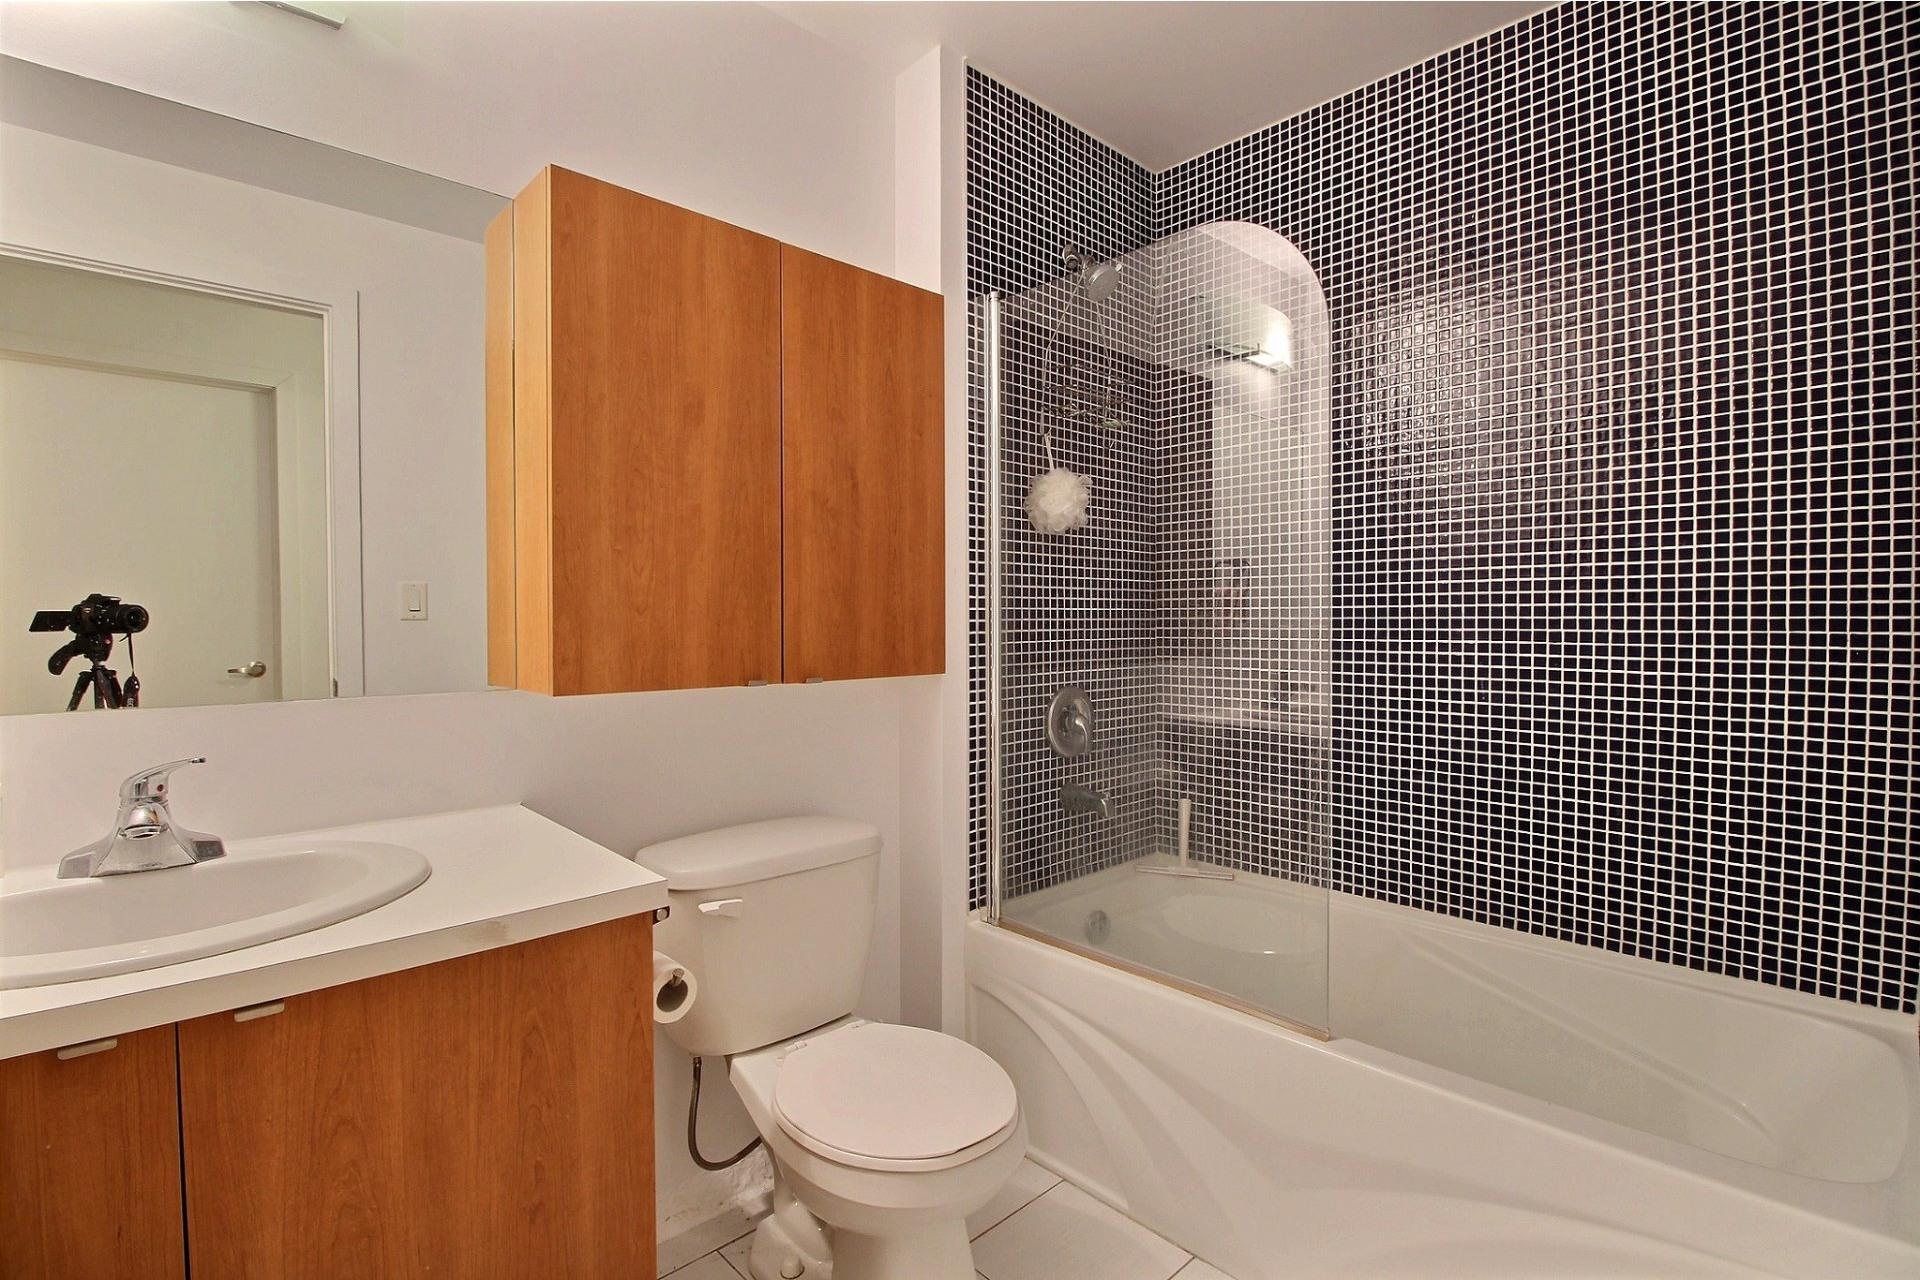 image 8 - Apartment For rent Montréal Mercier/Hochelaga-Maisonneuve  - 5 rooms